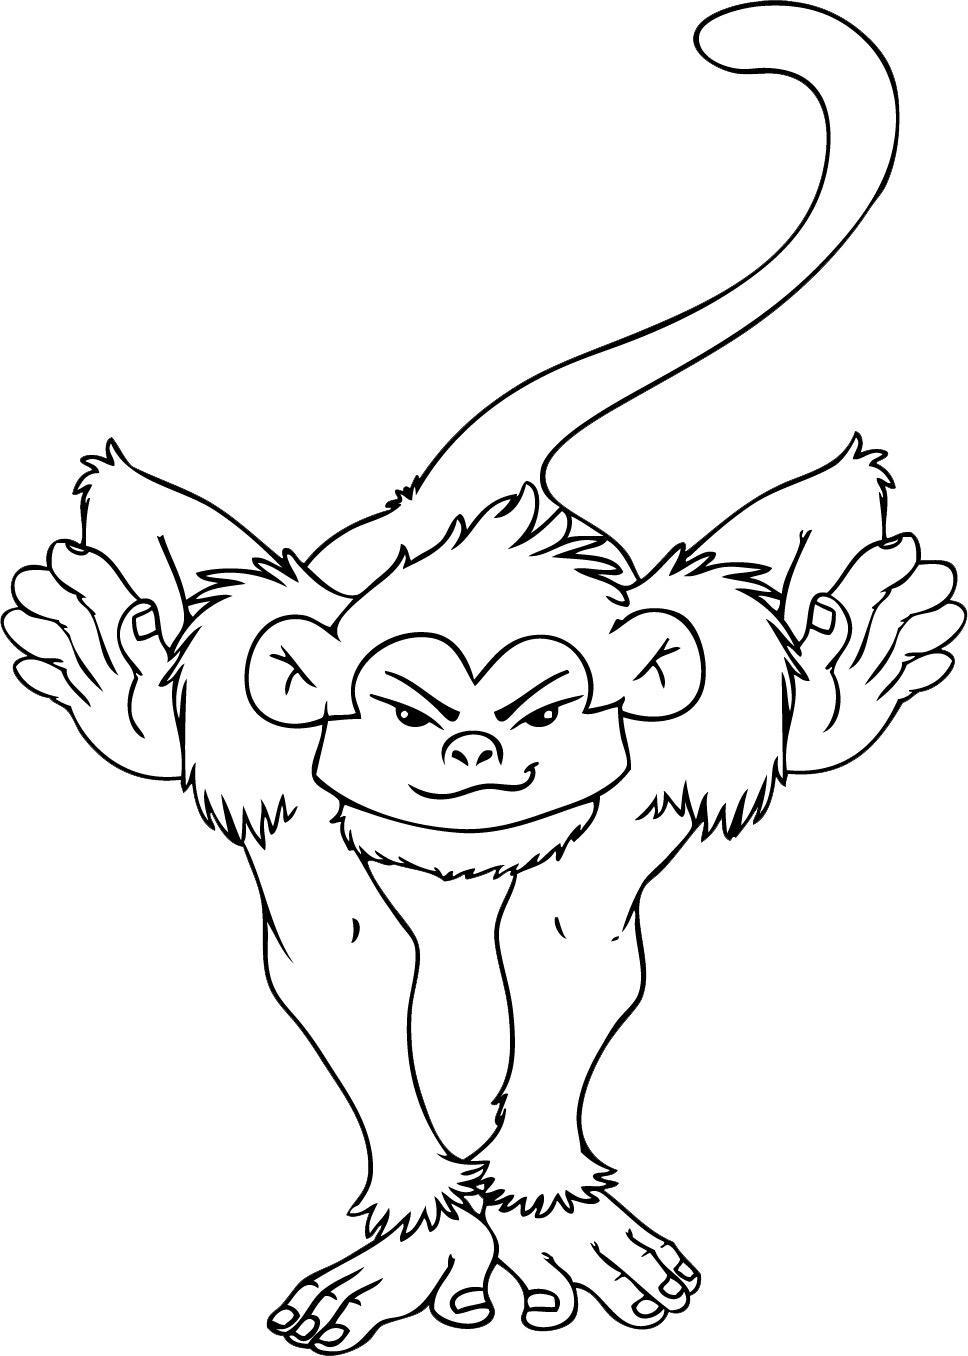 Tranh tô màu con khỉ nhào lộn